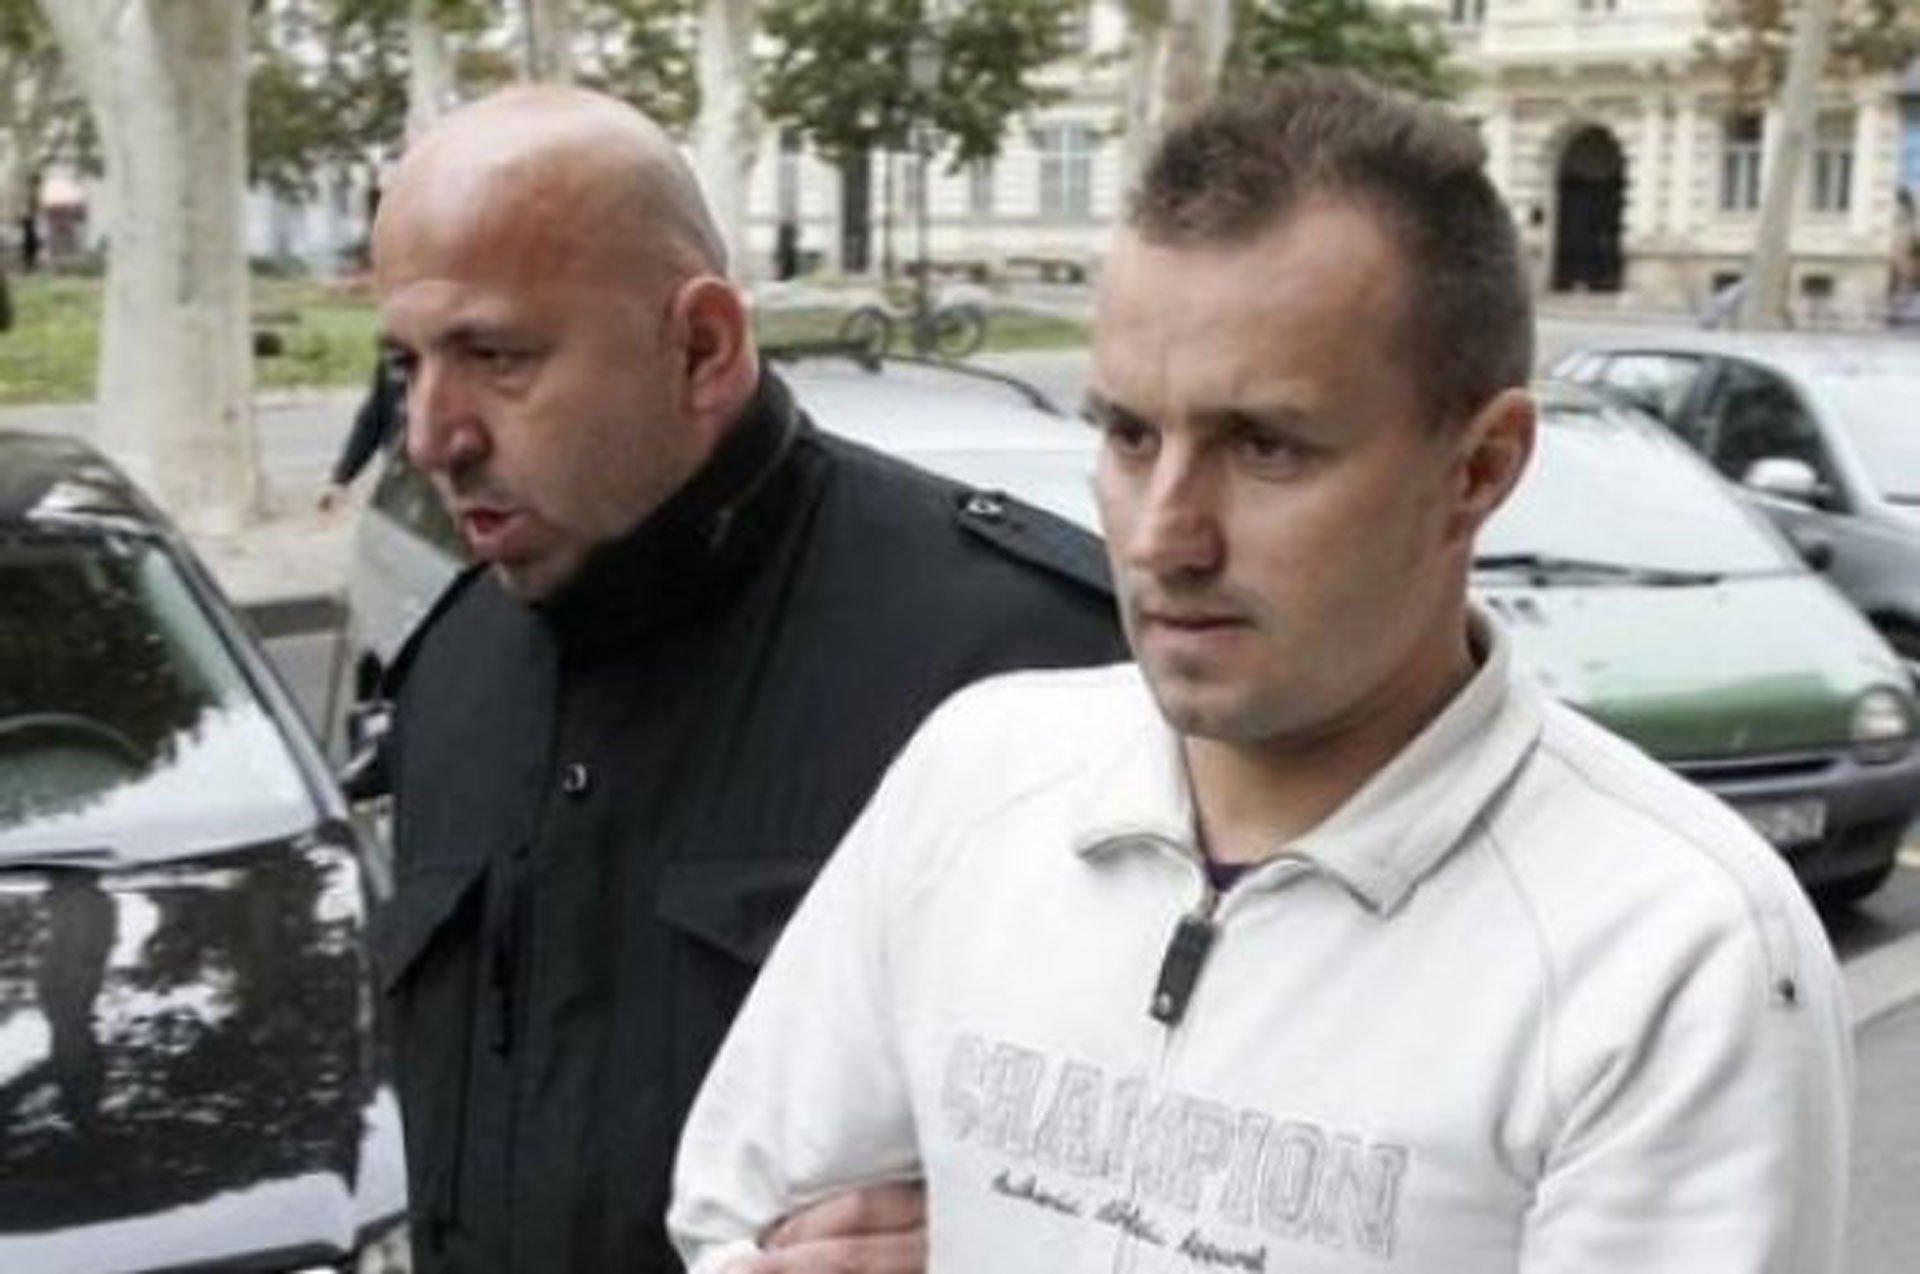 Podignuta optužnica protiv Olivera Knezovića za ubojstvo navijača Vedrana Puljića